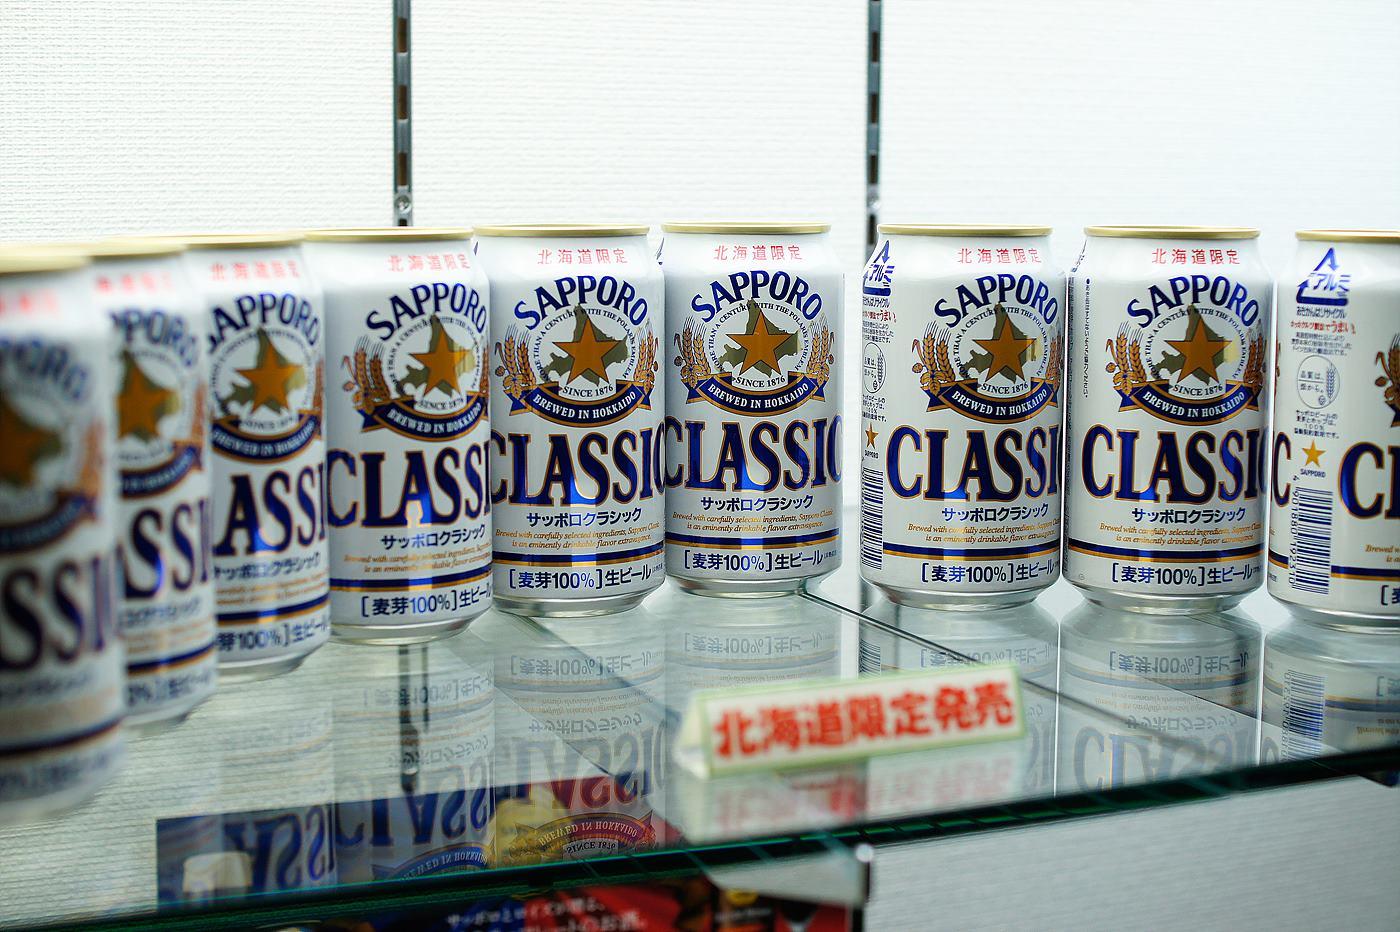 북해도 한정 맥주인 삿포로 클래식